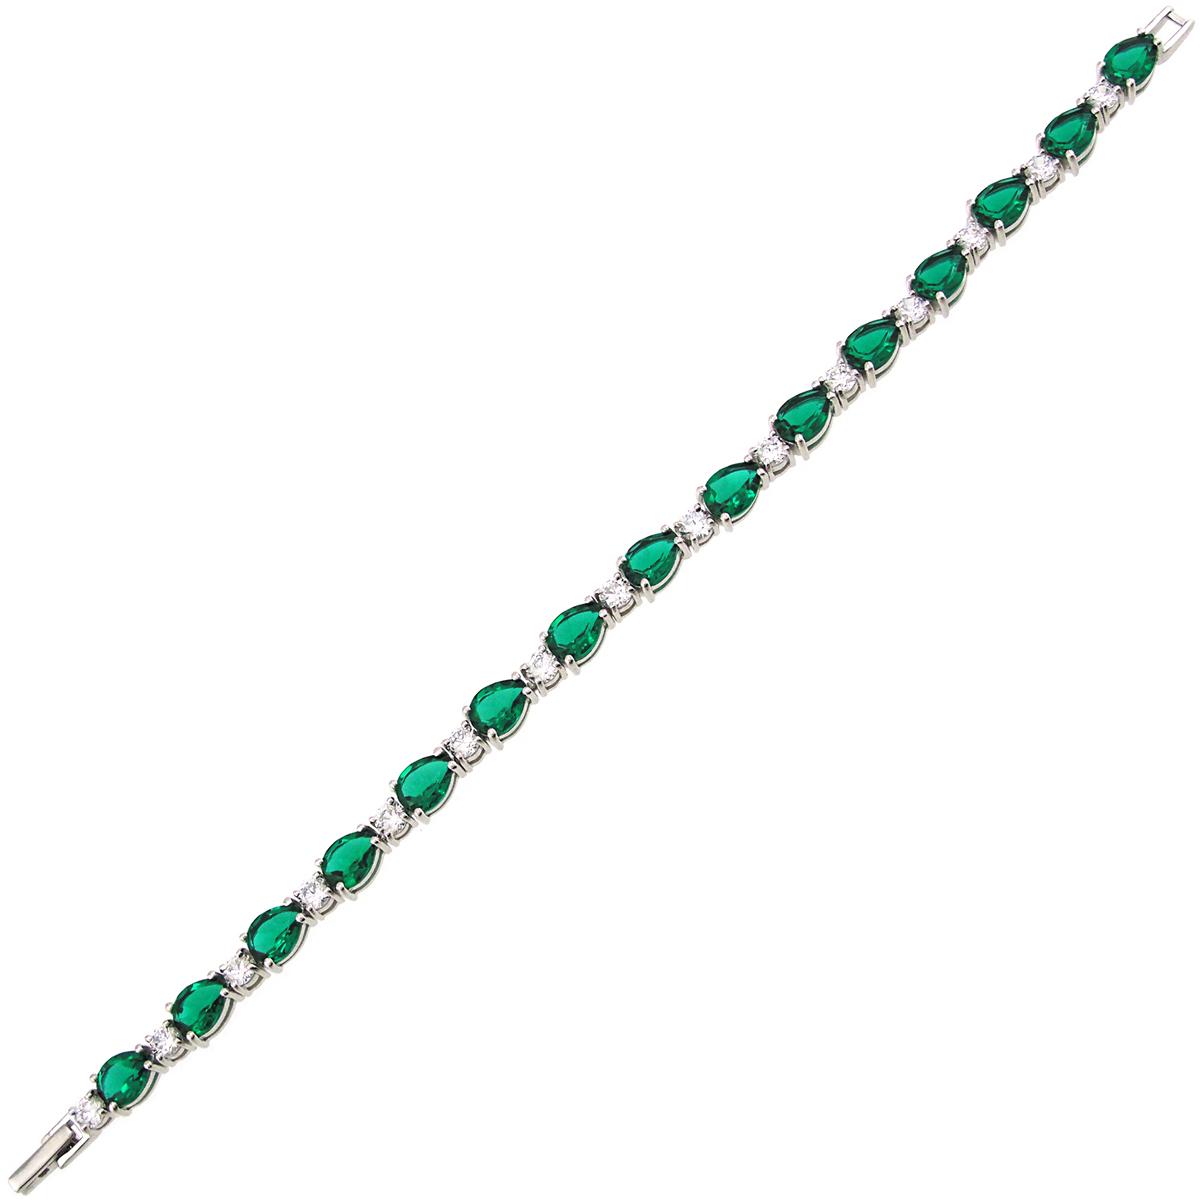 Браслет женский Balex Jewellery 7405937561 из серебра, изумруд/фианит, р. 20